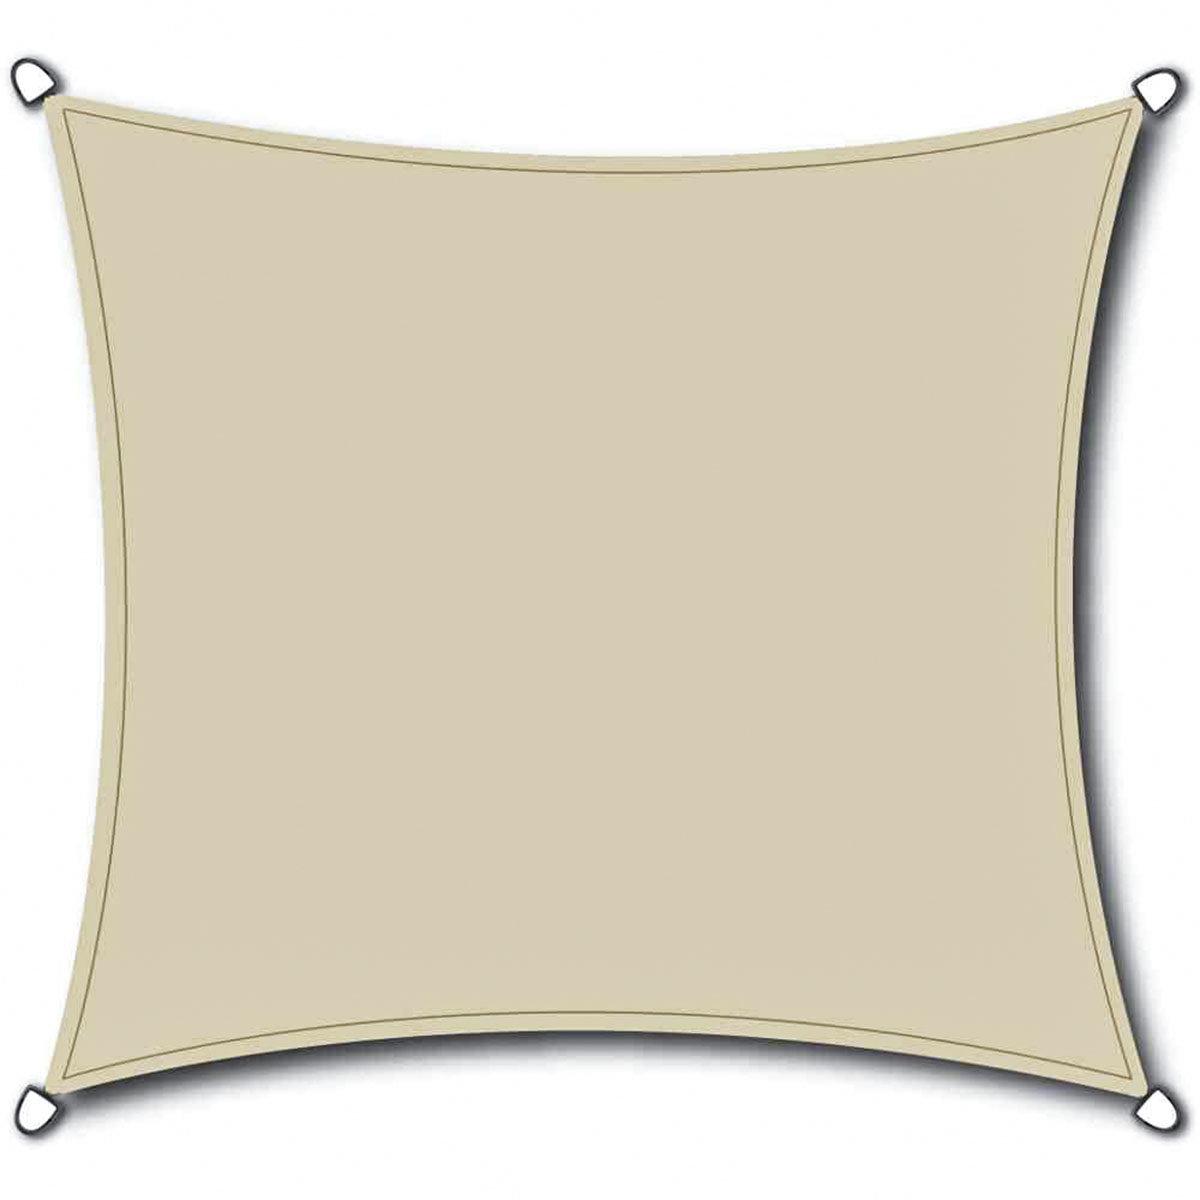 Sonnensegel Solino 3,6 m quadratisch, weiß